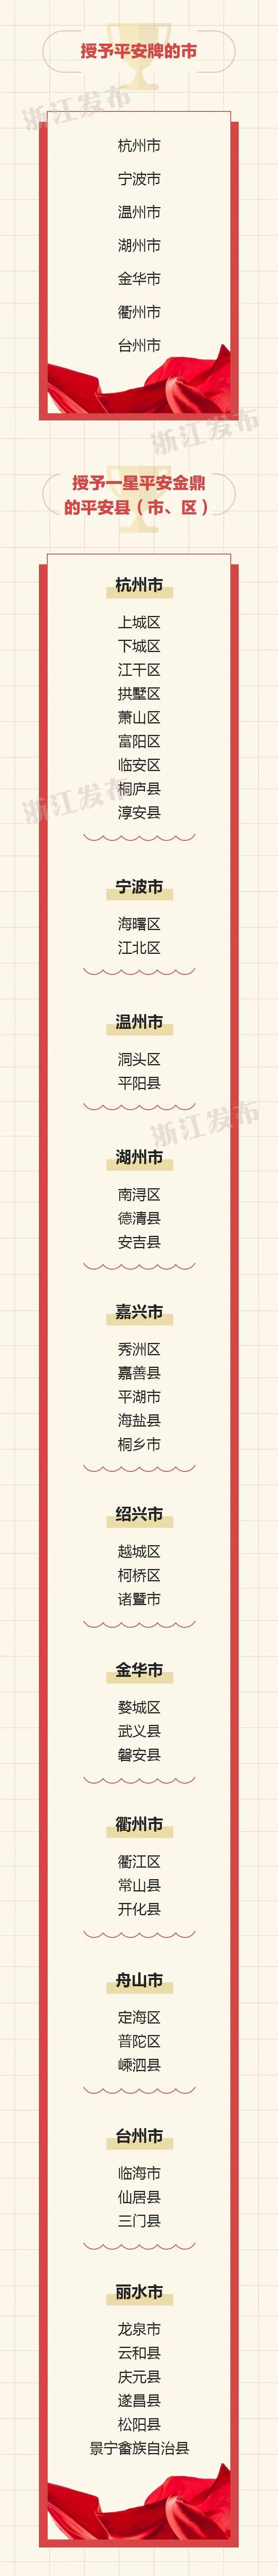 【浙江榜单】2019年度平安金鼎平安牌平安市|平安县(市、区)名单图2